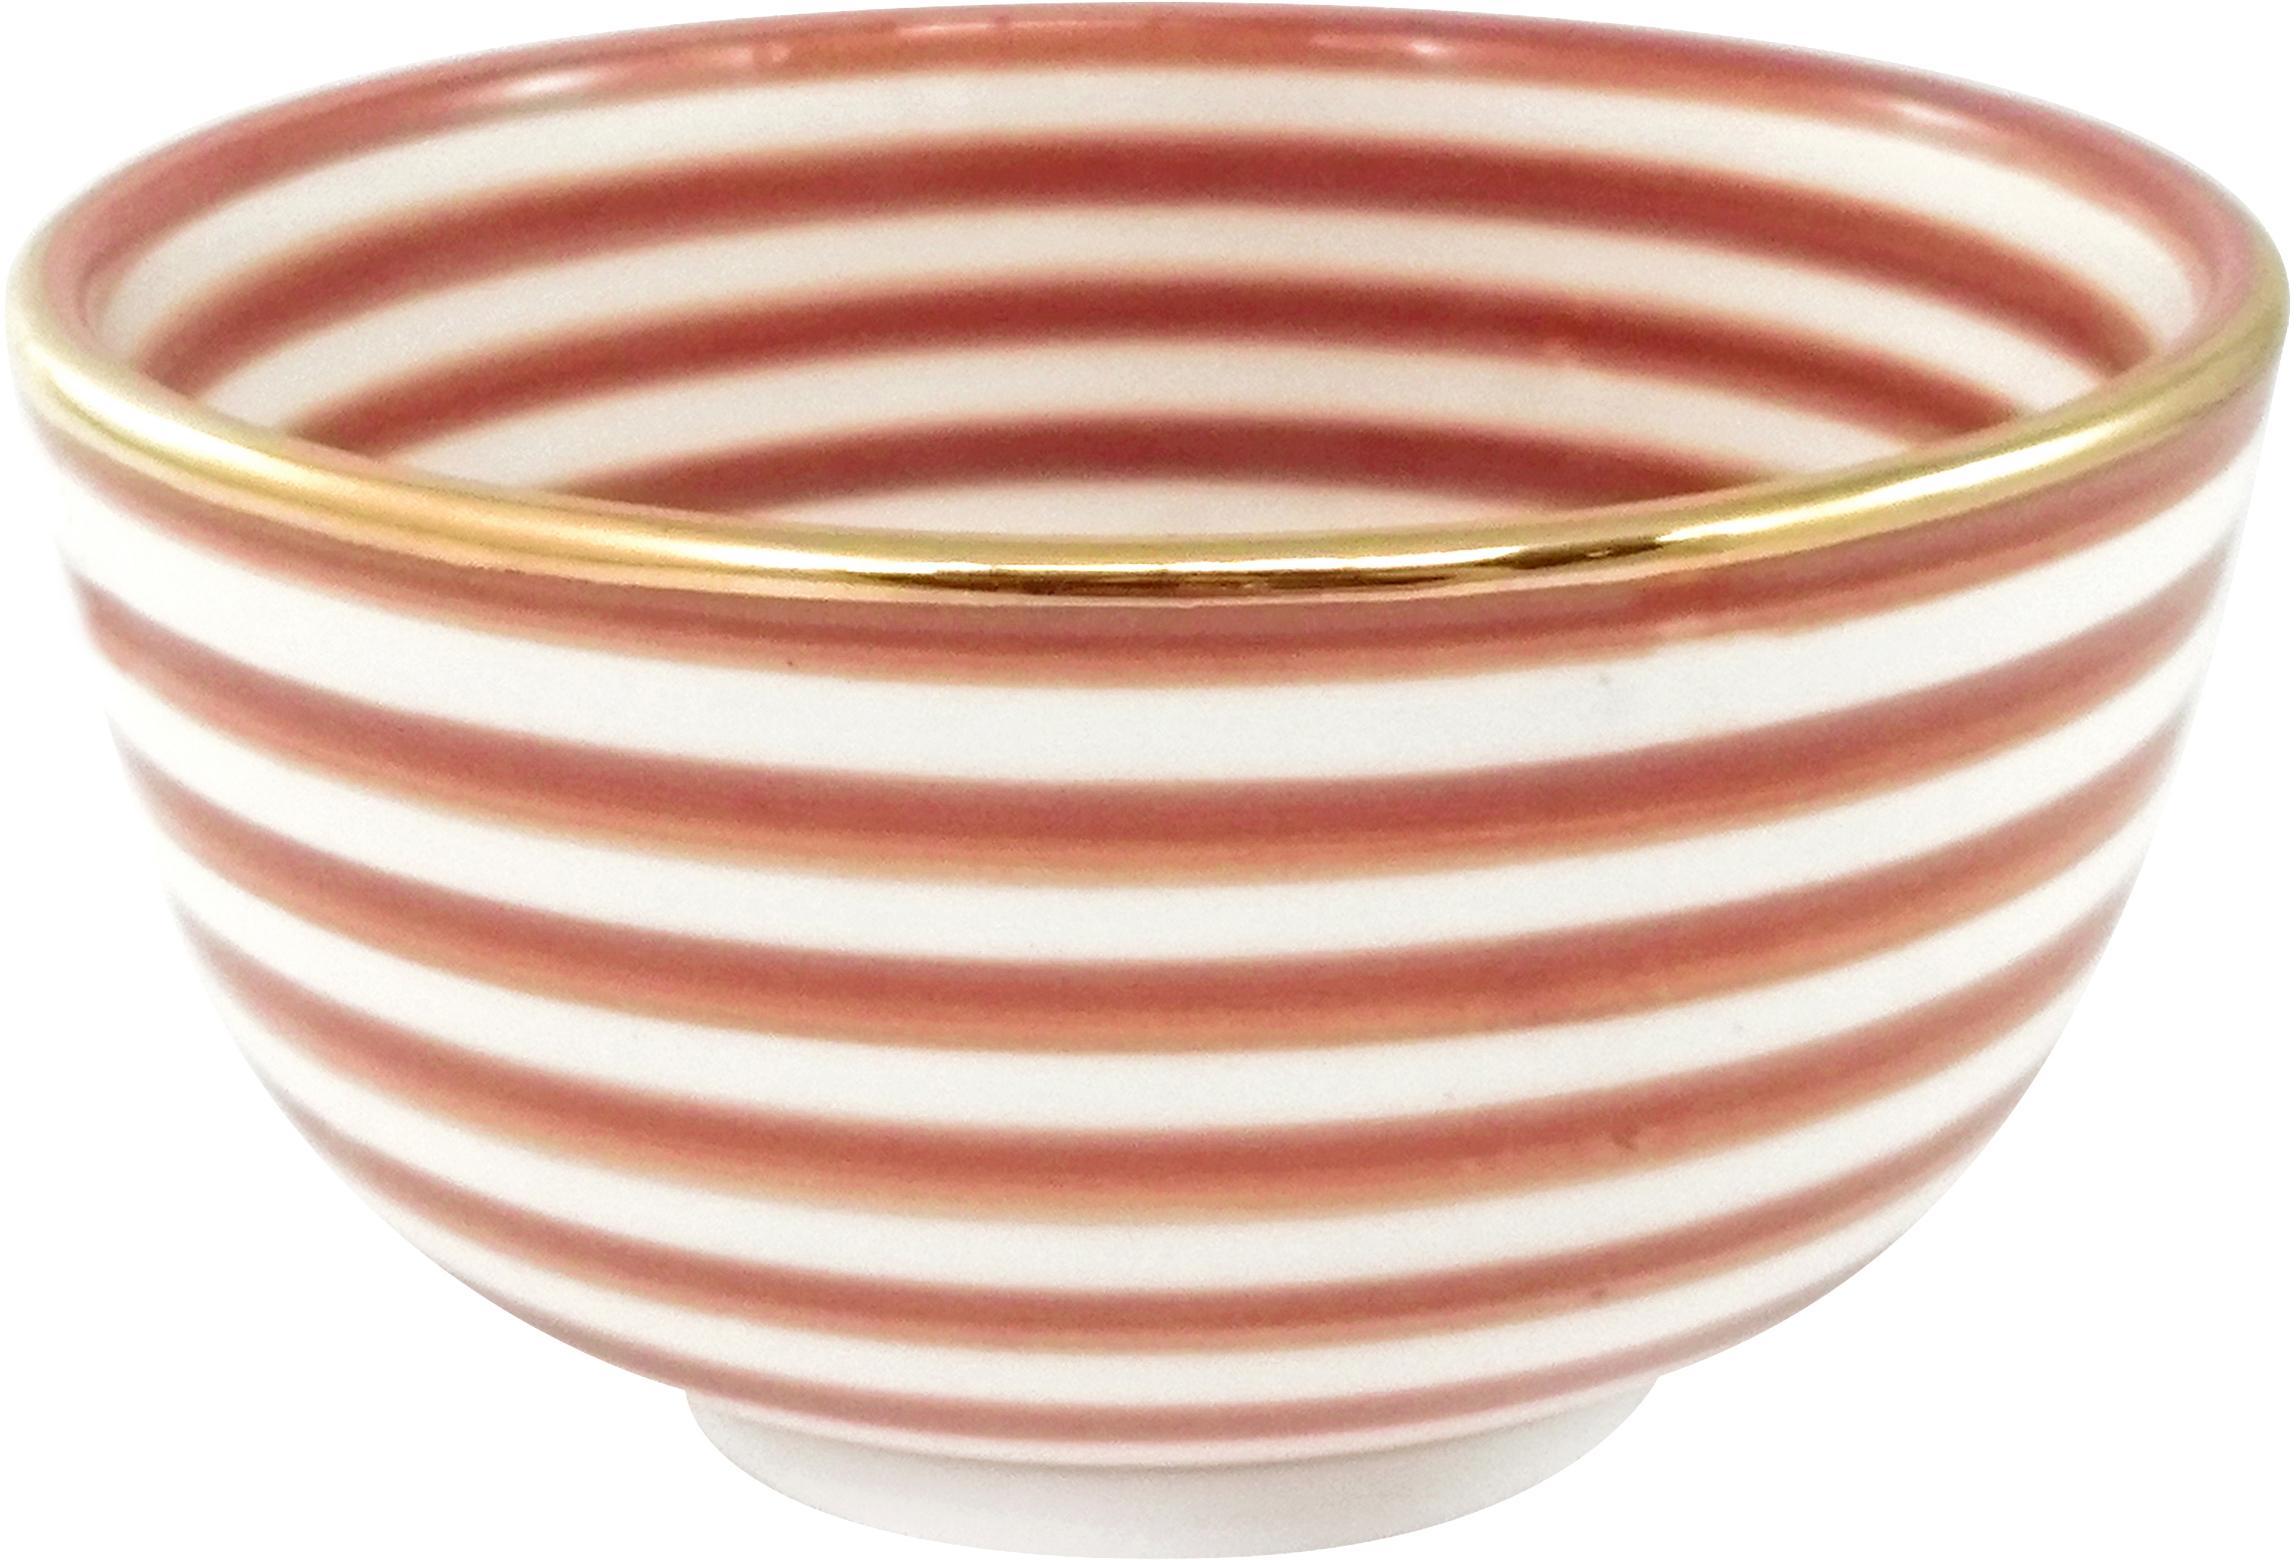 Handgemachtes Schälchen Moyen mit Goldrand, Keramik, Orange, Cremefarben, Gold, Ø 15 x H 9 cm